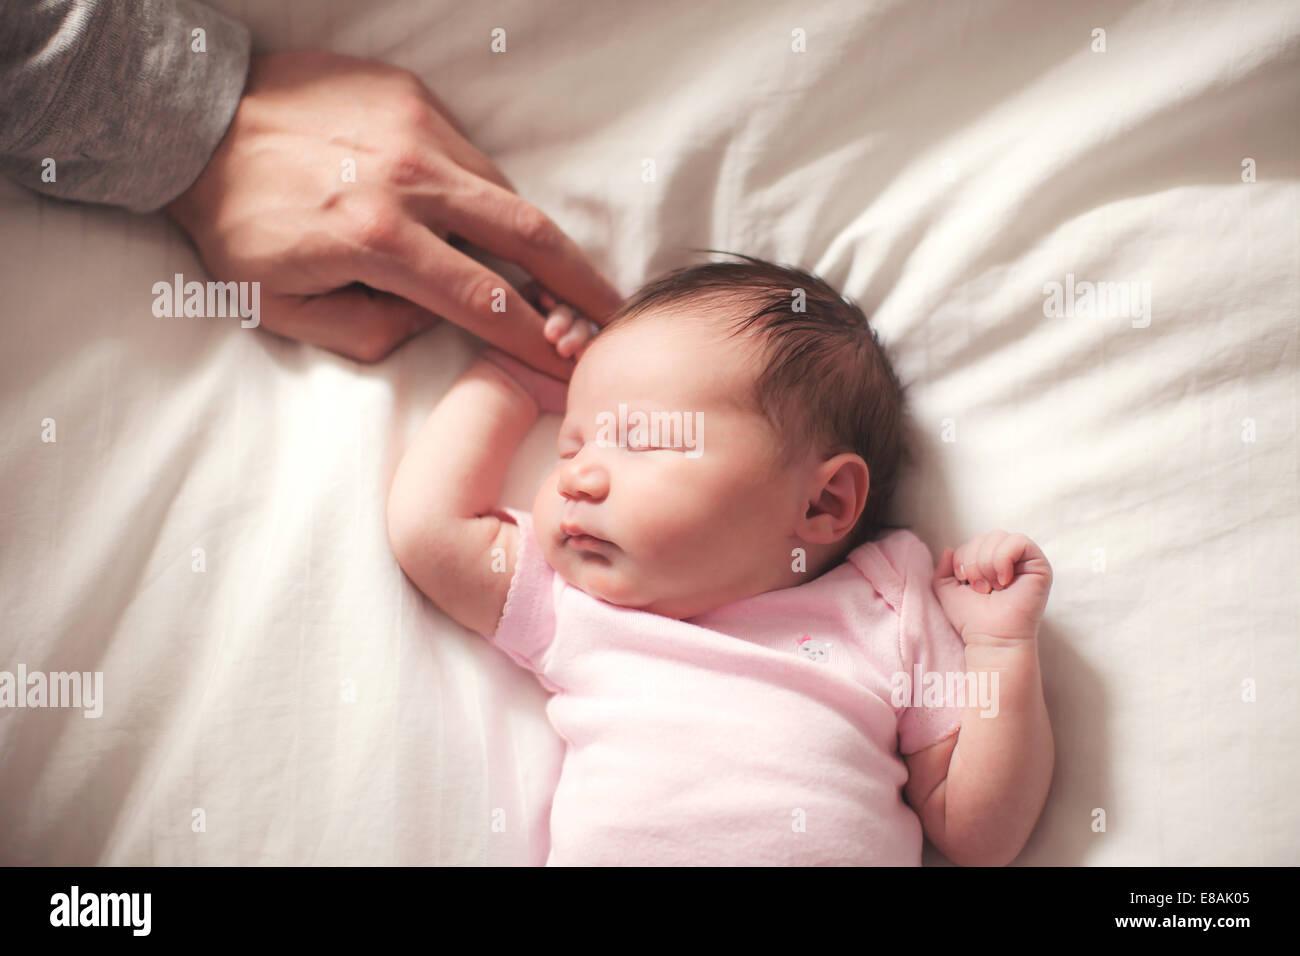 Bambina addormentata, le mani da padre Immagini Stock